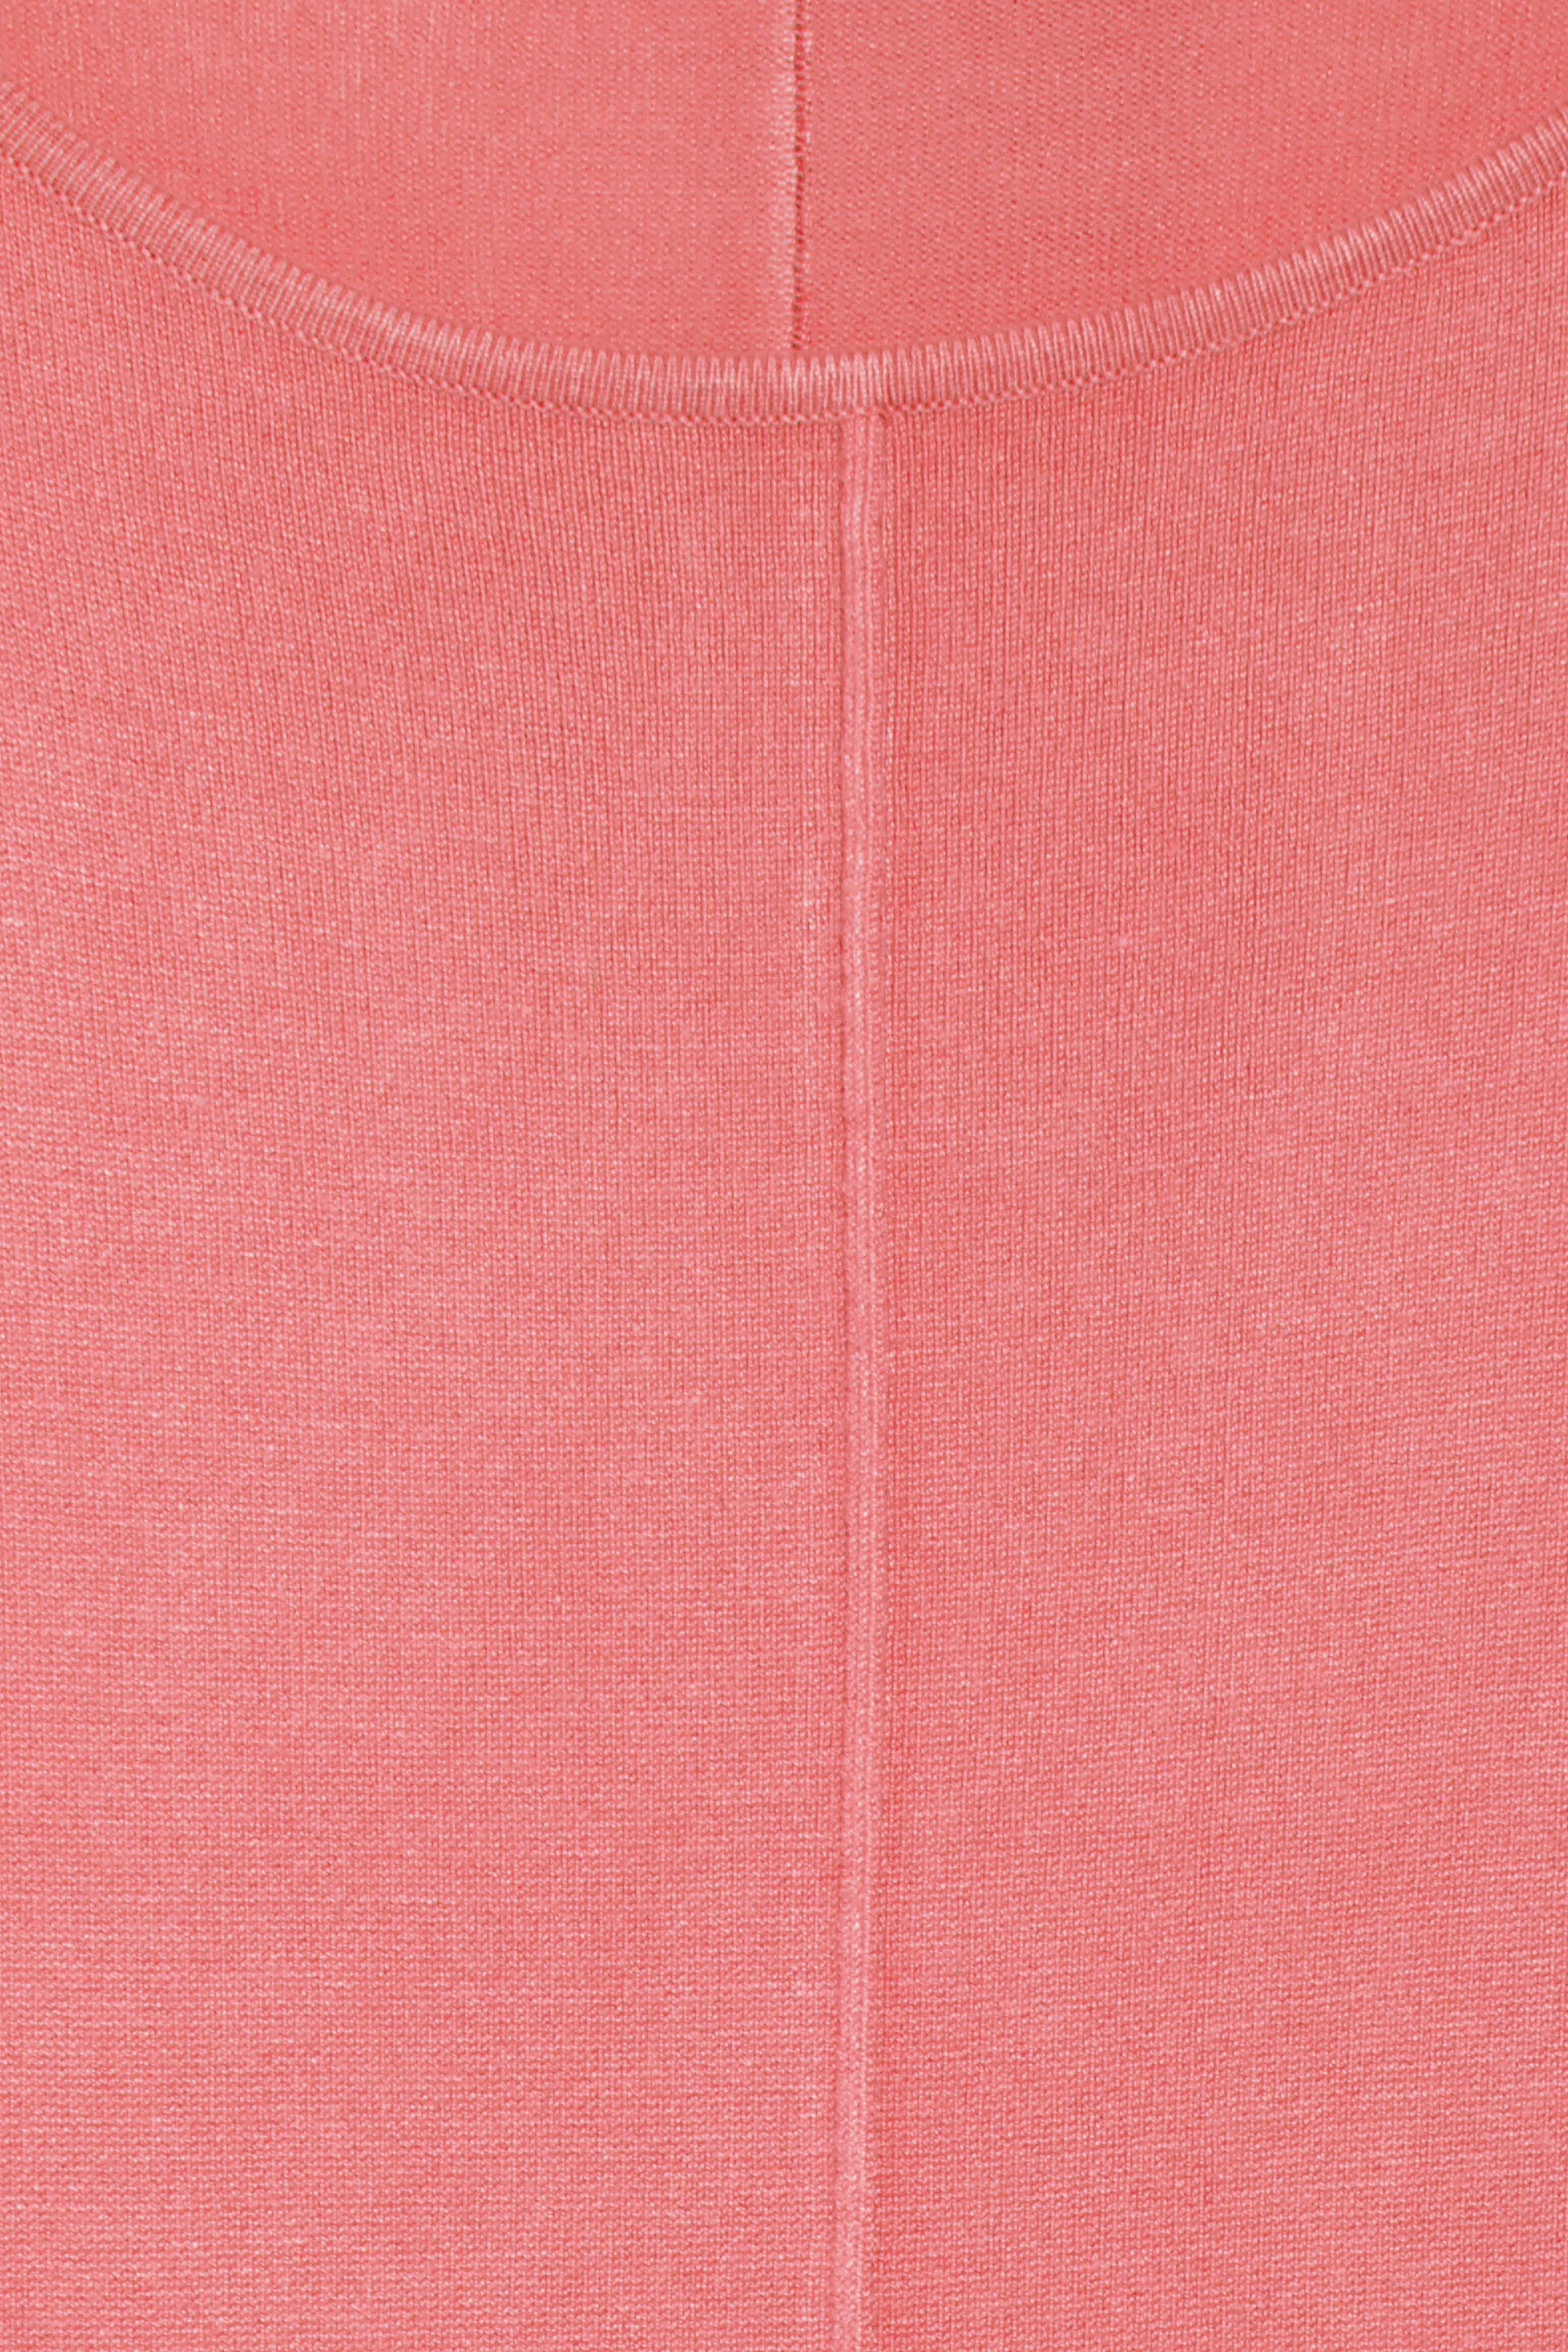 MEL. Sunkist Coral Strickpullover von b.young – Kaufen Sie MEL. Sunkist Coral Strickpullover aus Größe XS-XXL hier